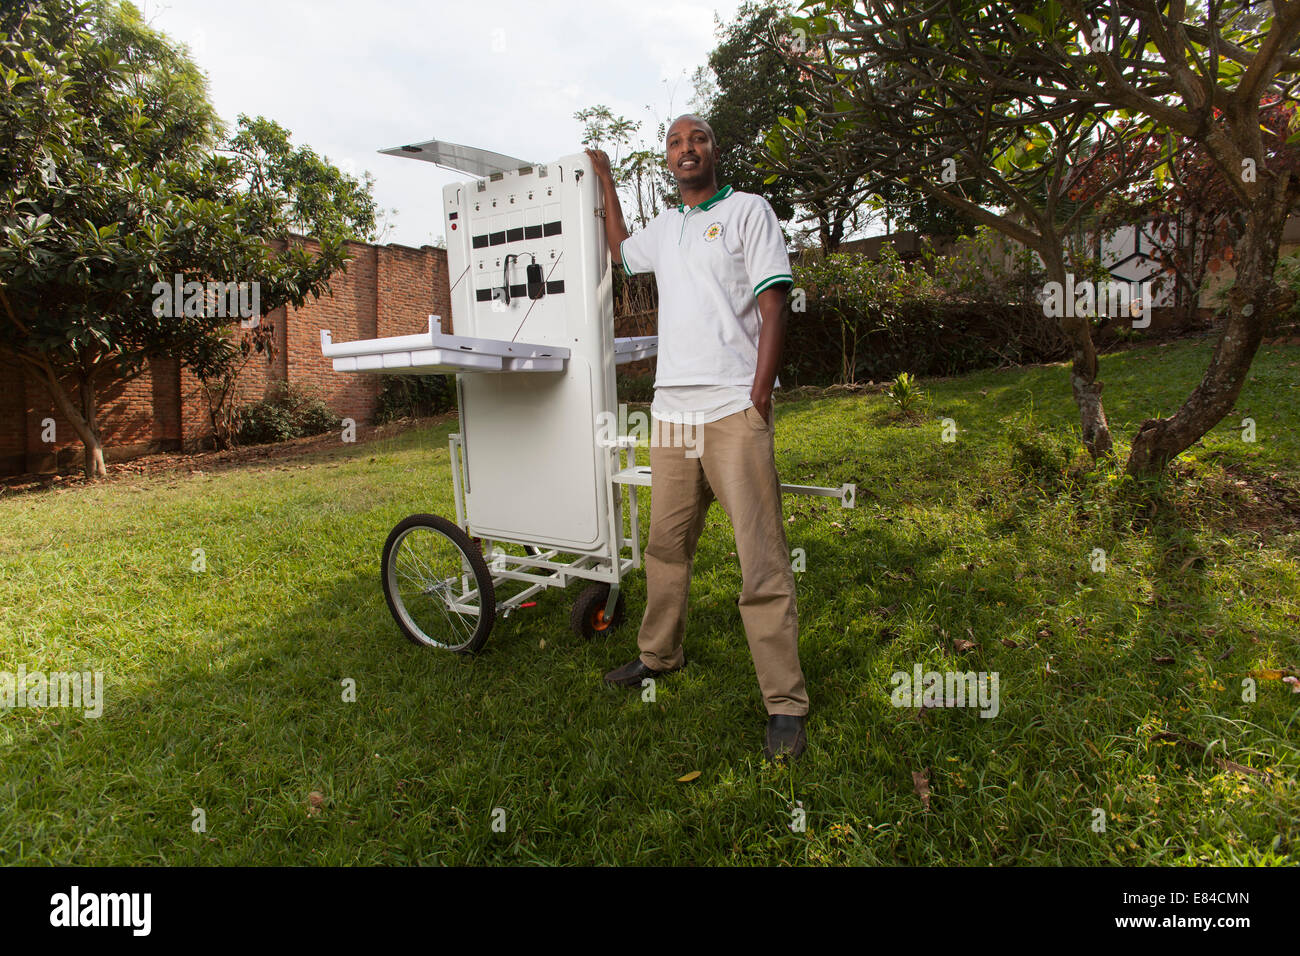 L'énergie solaire entrepreneur posant avec un stand portatif conçu pour vendre de l'électricité Photo Stock